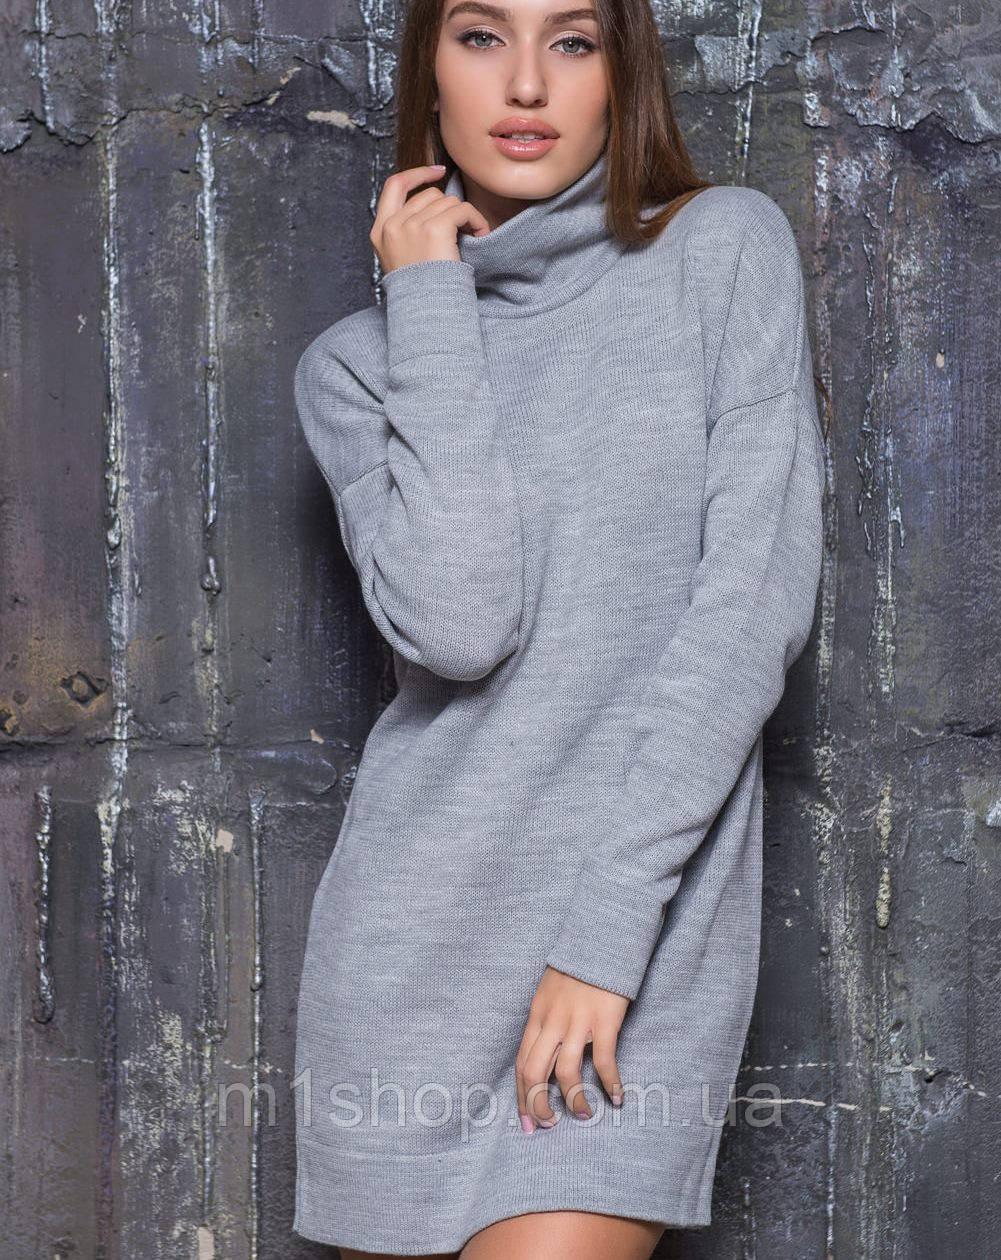 Вязаная женская туника-платье под горло (2106 sk)